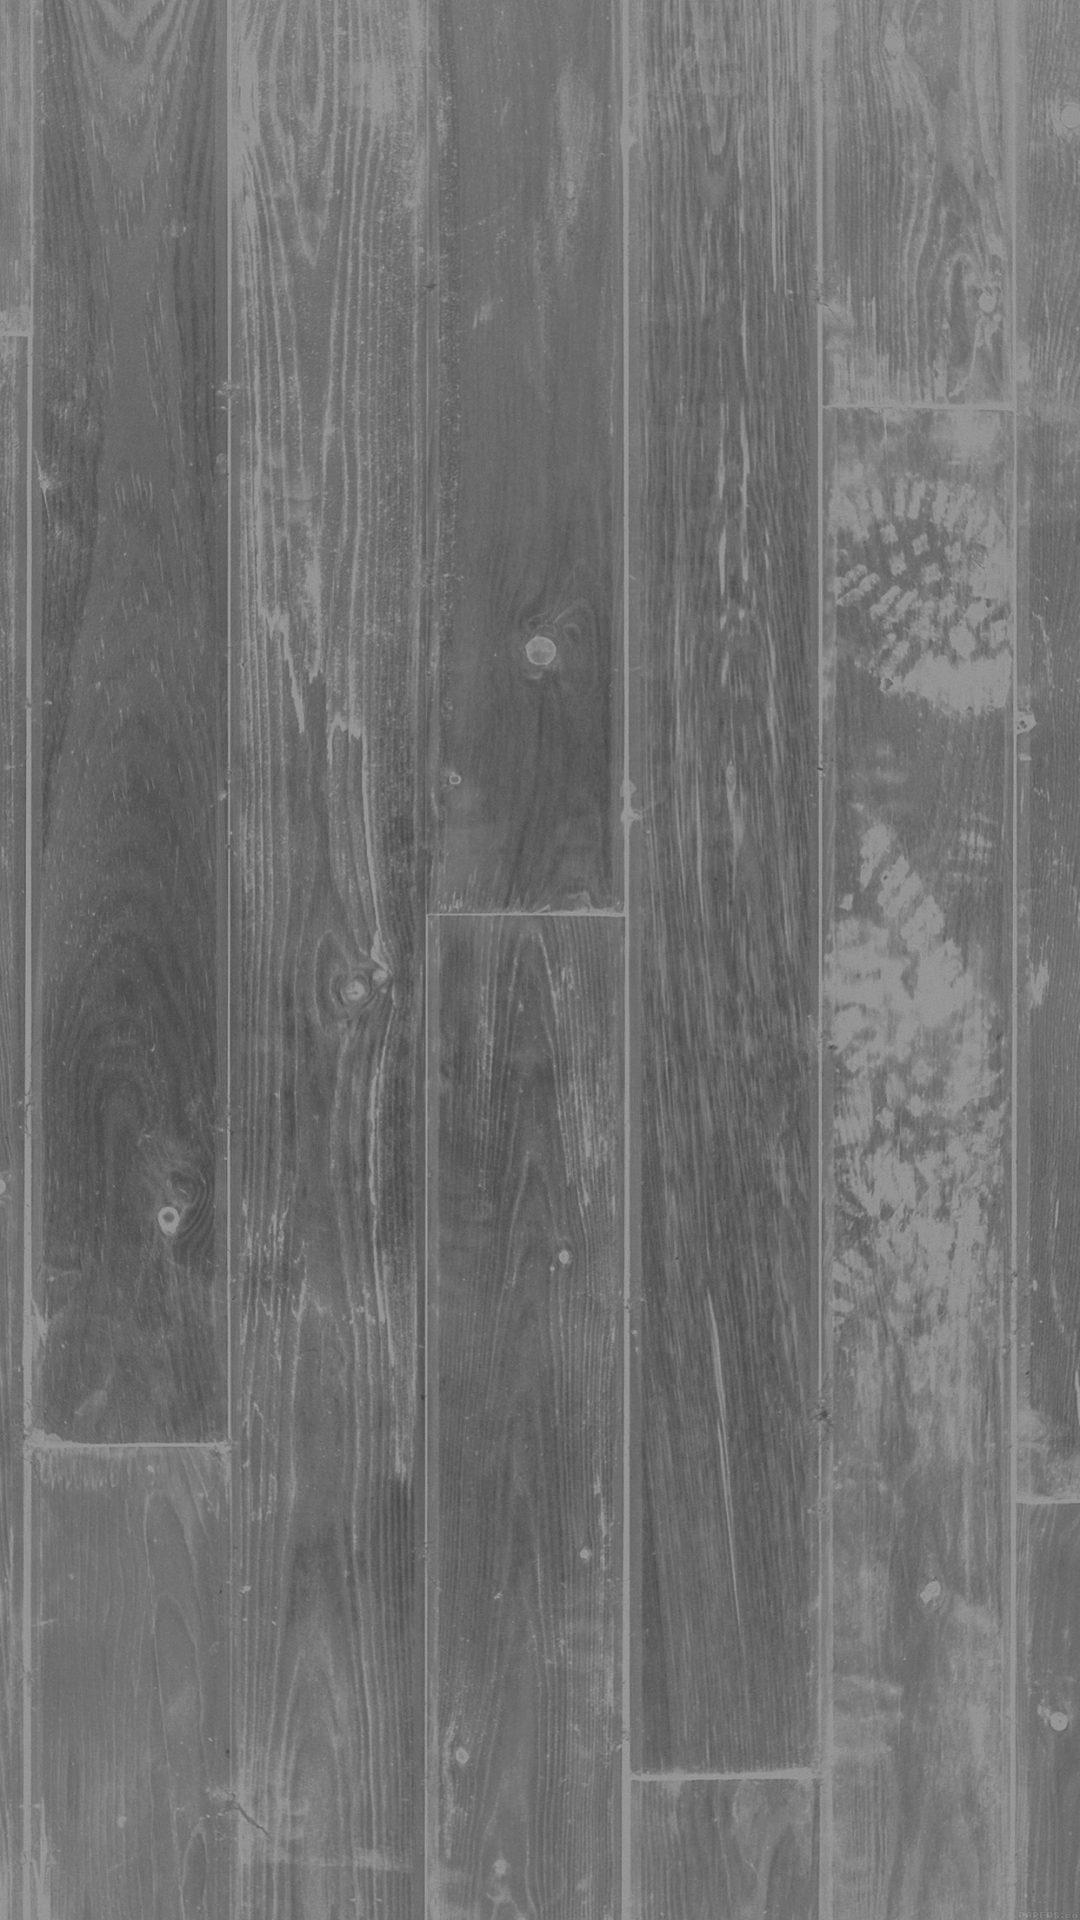 Wood Stock Pattern Nature White